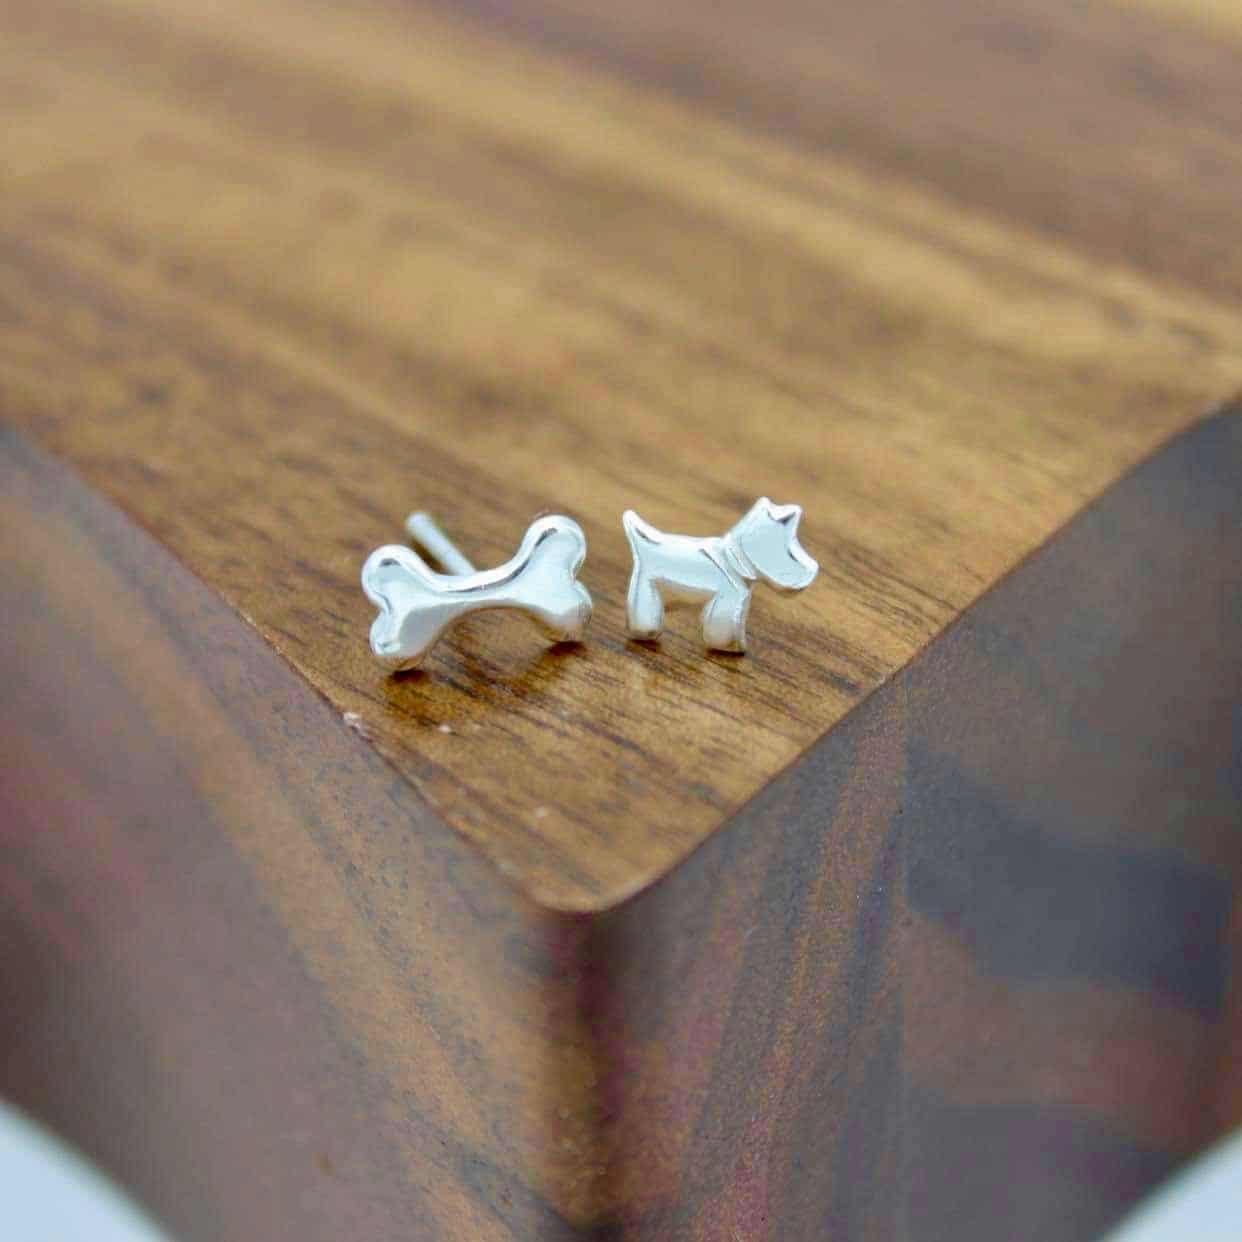 Dog and Bone Stud earrings